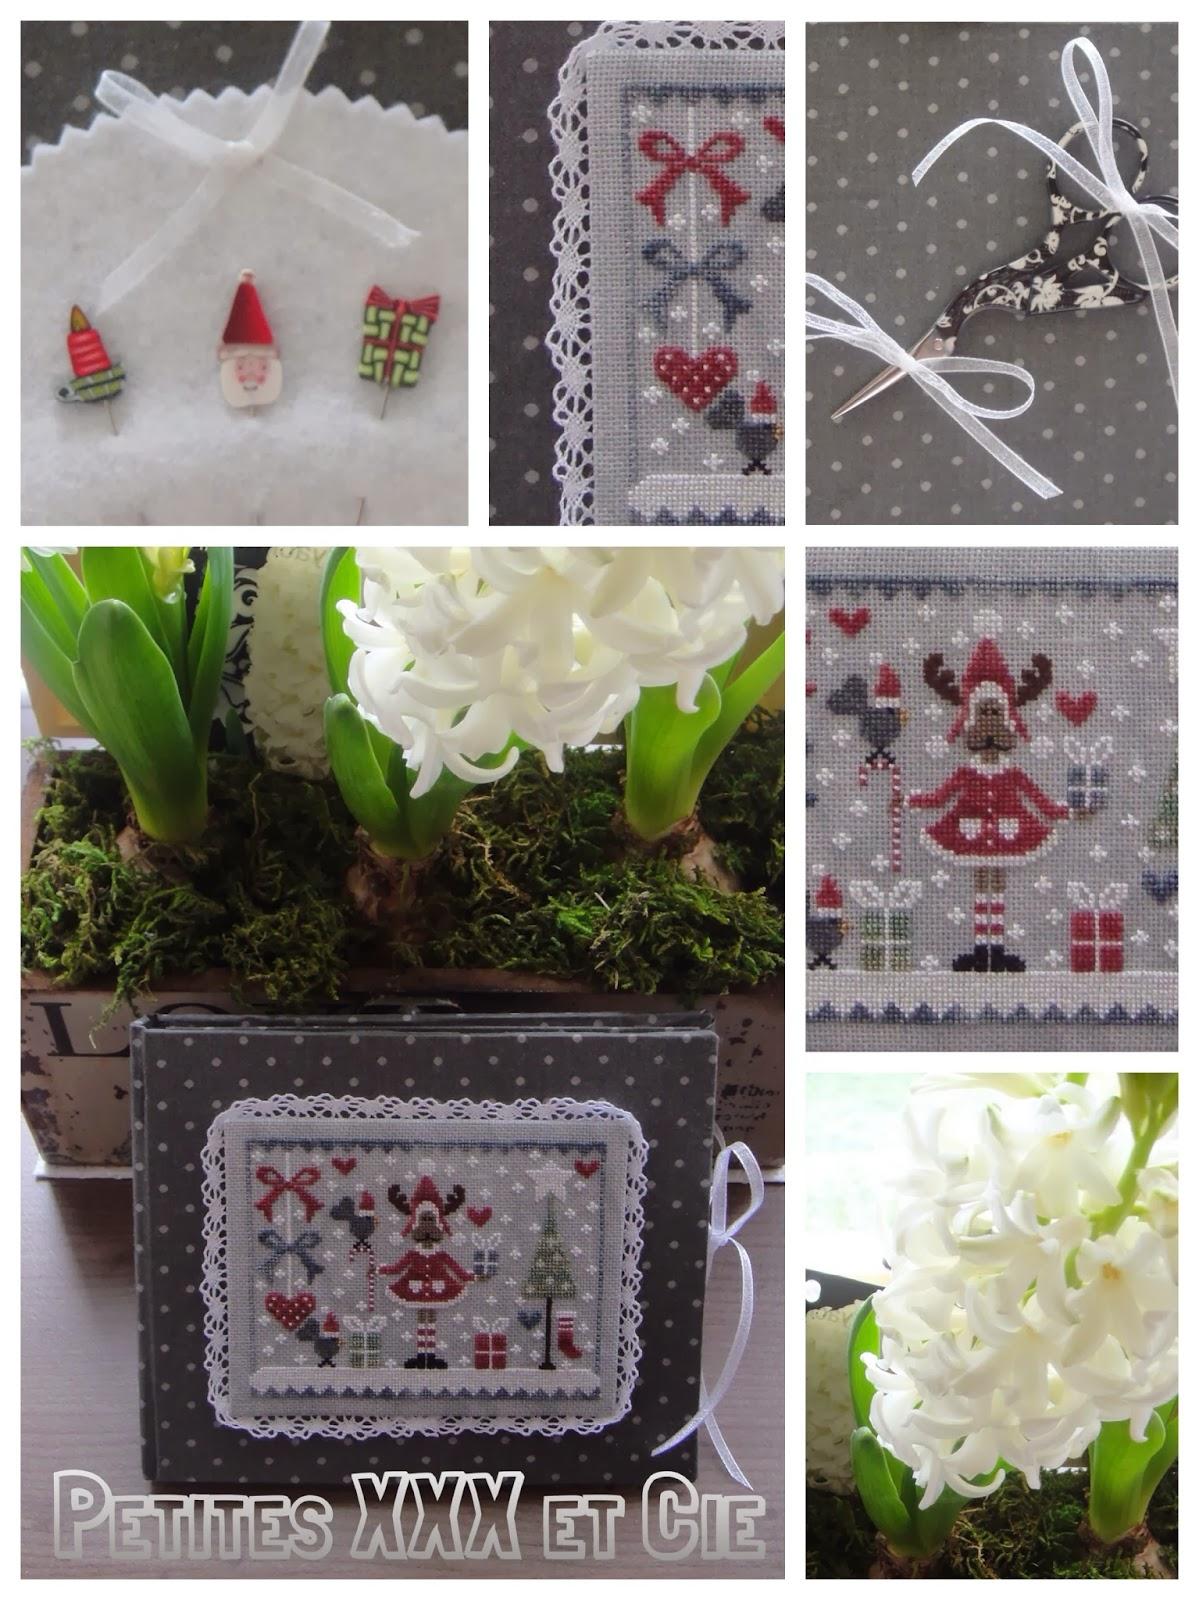 Anni-blog dans De tout et rien ... Mosaique_cadeau_pour_Maryse